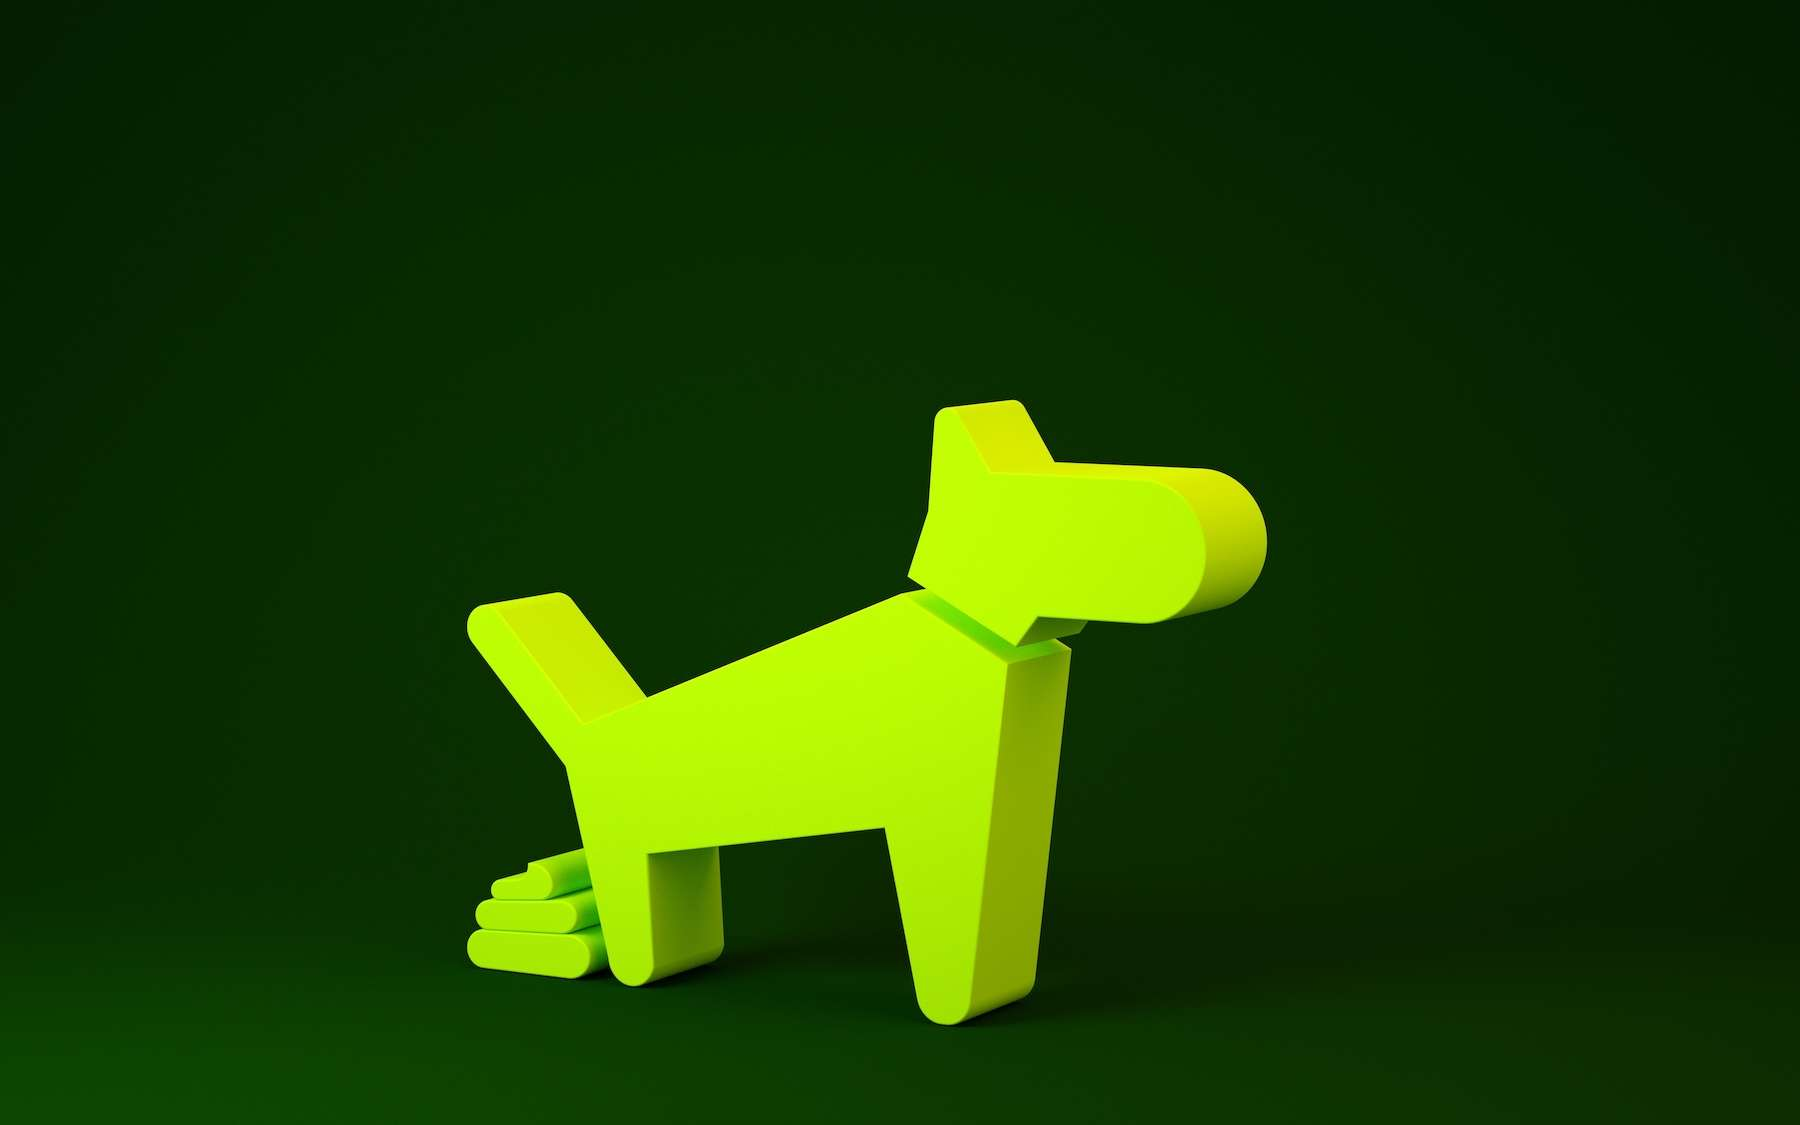 Les chiens nourris avec des aliments frais produisent deux fois moins de crottes. © Plus, Adobe Stock